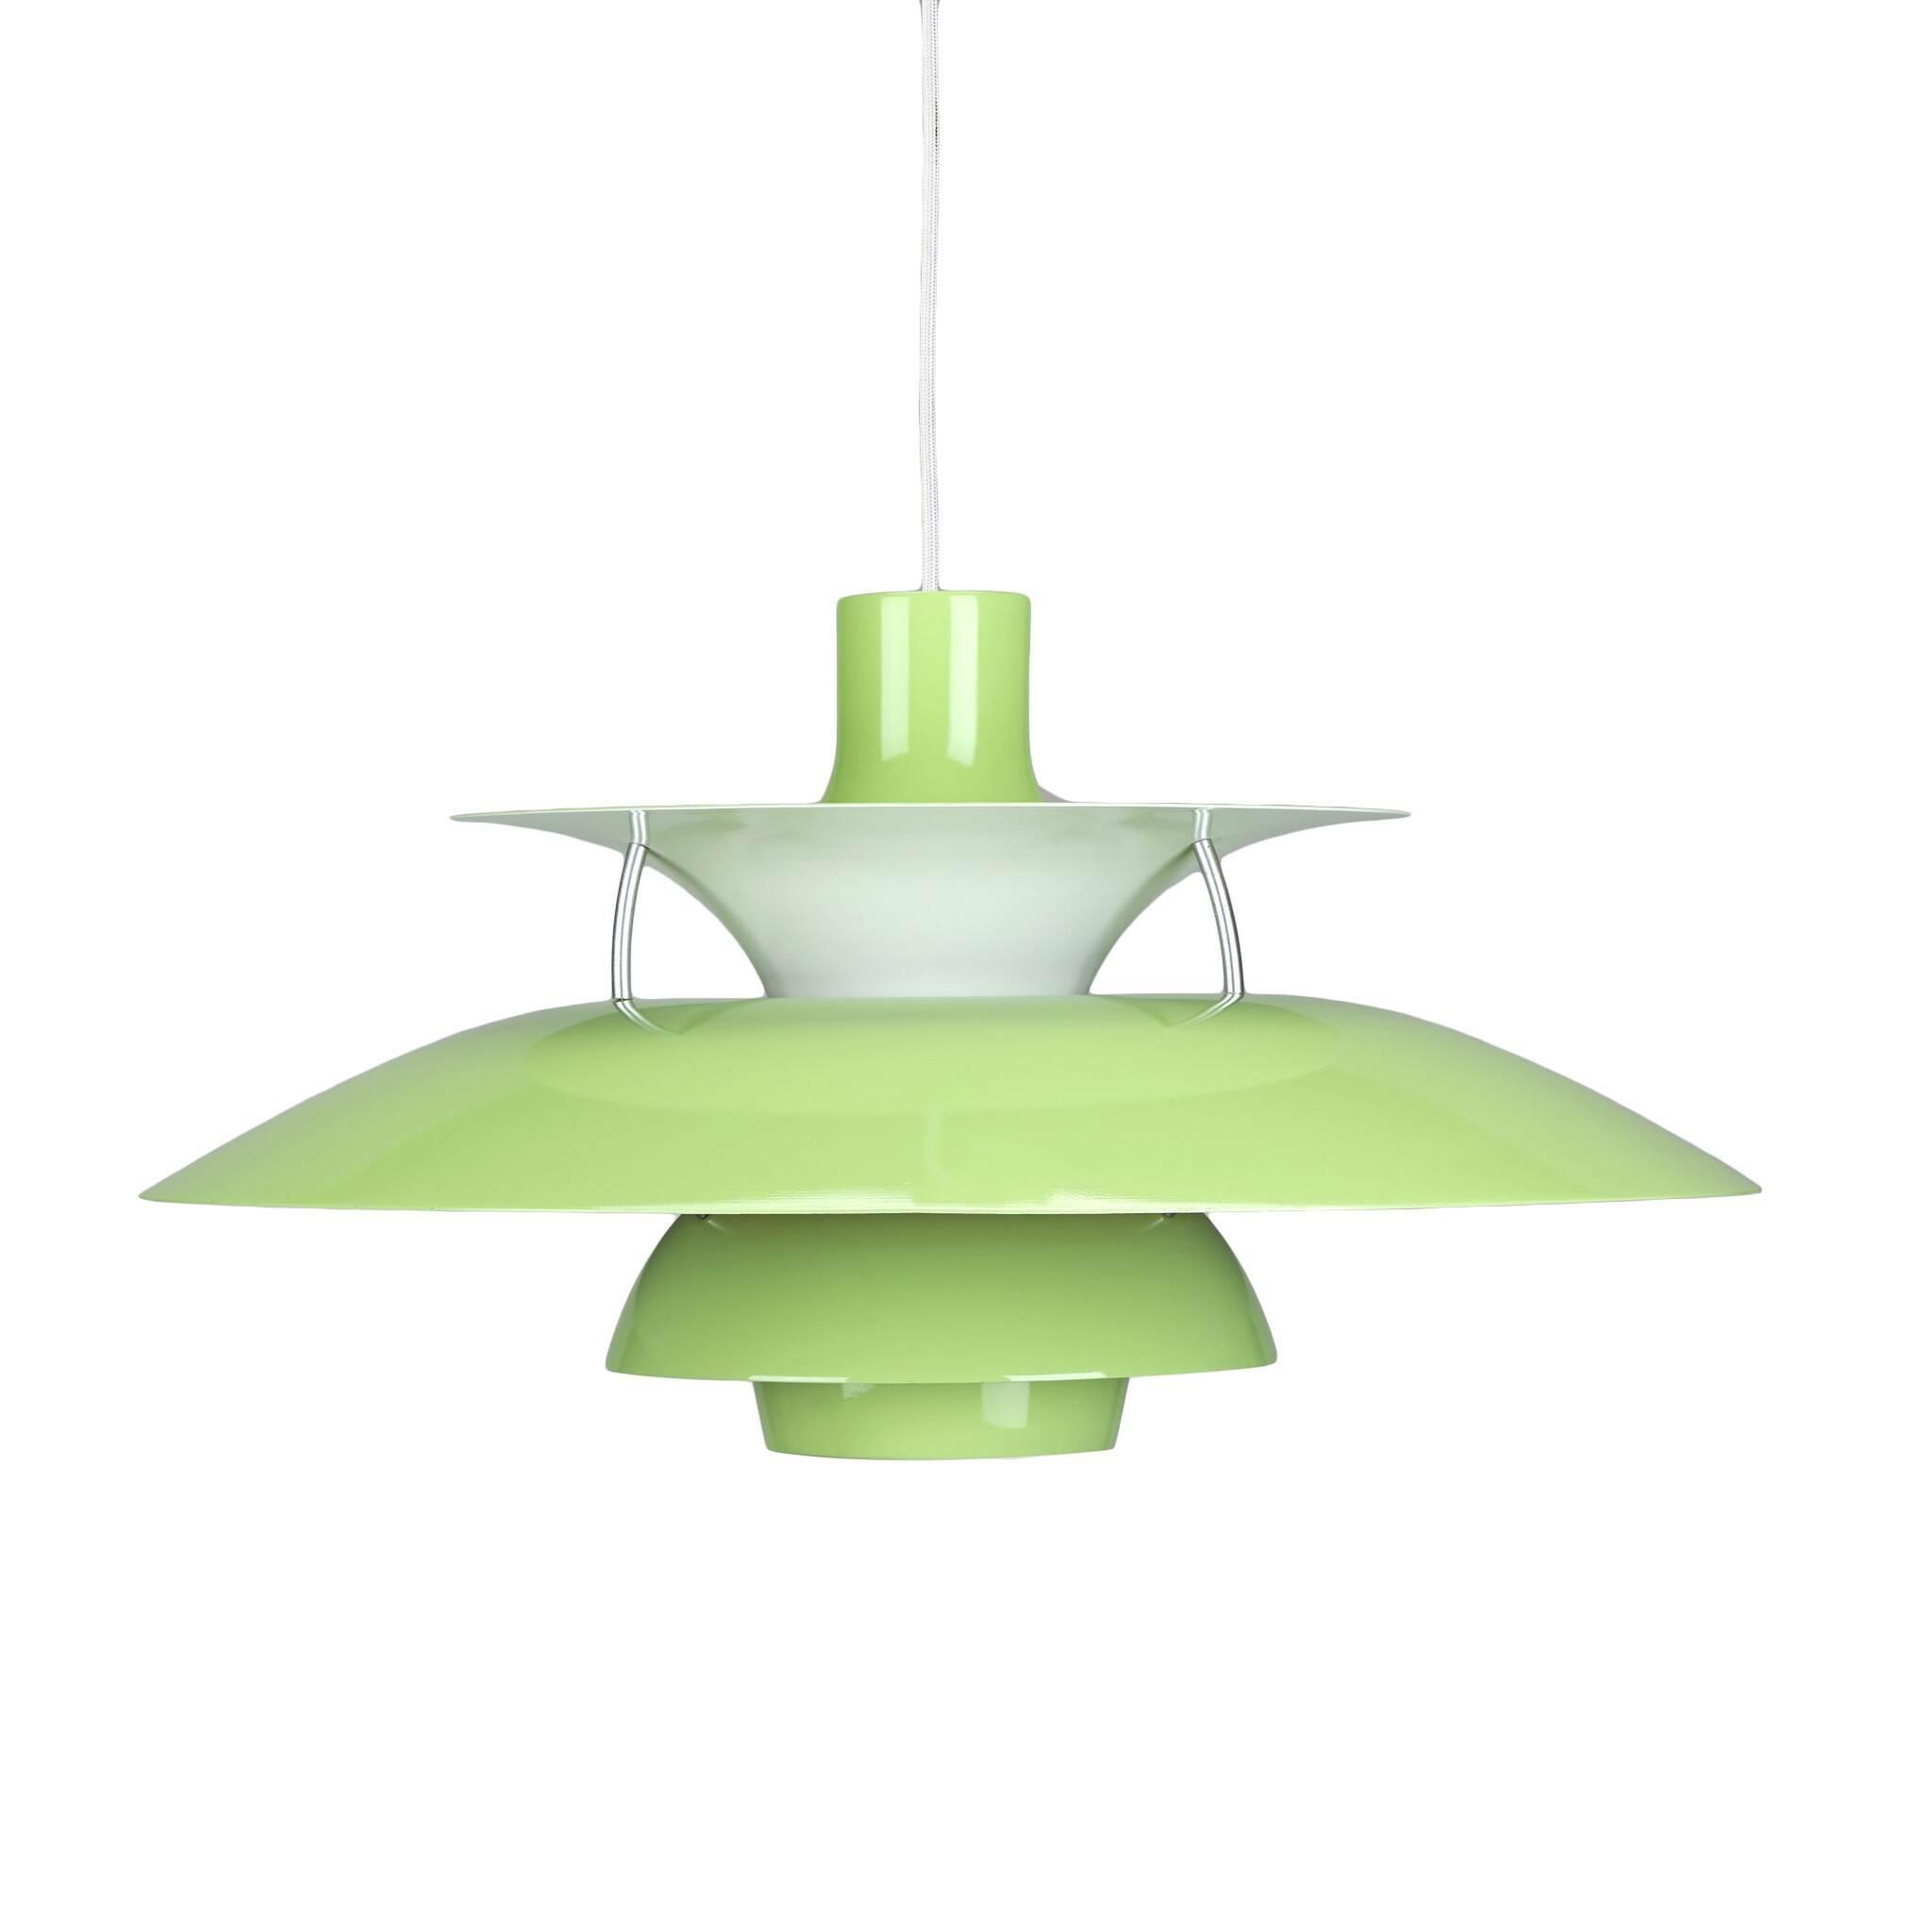 Подвесной светильник PH 50Подвесные<br>Подвесной светильник PH 50 — это одна из самых известных моделей светильников, созданных знаменитым скандинавским дизайнером Поулем Хеннингсеном. Главные принципы, которыми руководствовался мастер при создании своих творений, заключаются в том, что освещение должно быть ярким, но мягким и приятным глазу. Светильники дизайнера дают спокойный, яркий и равномерный свет, который выгодно подчеркивает интерьер и создает в нем приятную дружелюбную атмосферу.<br><br><br> Подвесной светильник PH 50 изгот...<br><br>stock: 0<br>Высота: 28<br>Диаметр: 50<br>Доп. цвет абажура: Белый<br>Материал абажура: Алюминий<br>Ламп в комплекте: Нет<br>Цвет абажура: Светло-зеленый<br>Цвет провода: Белый